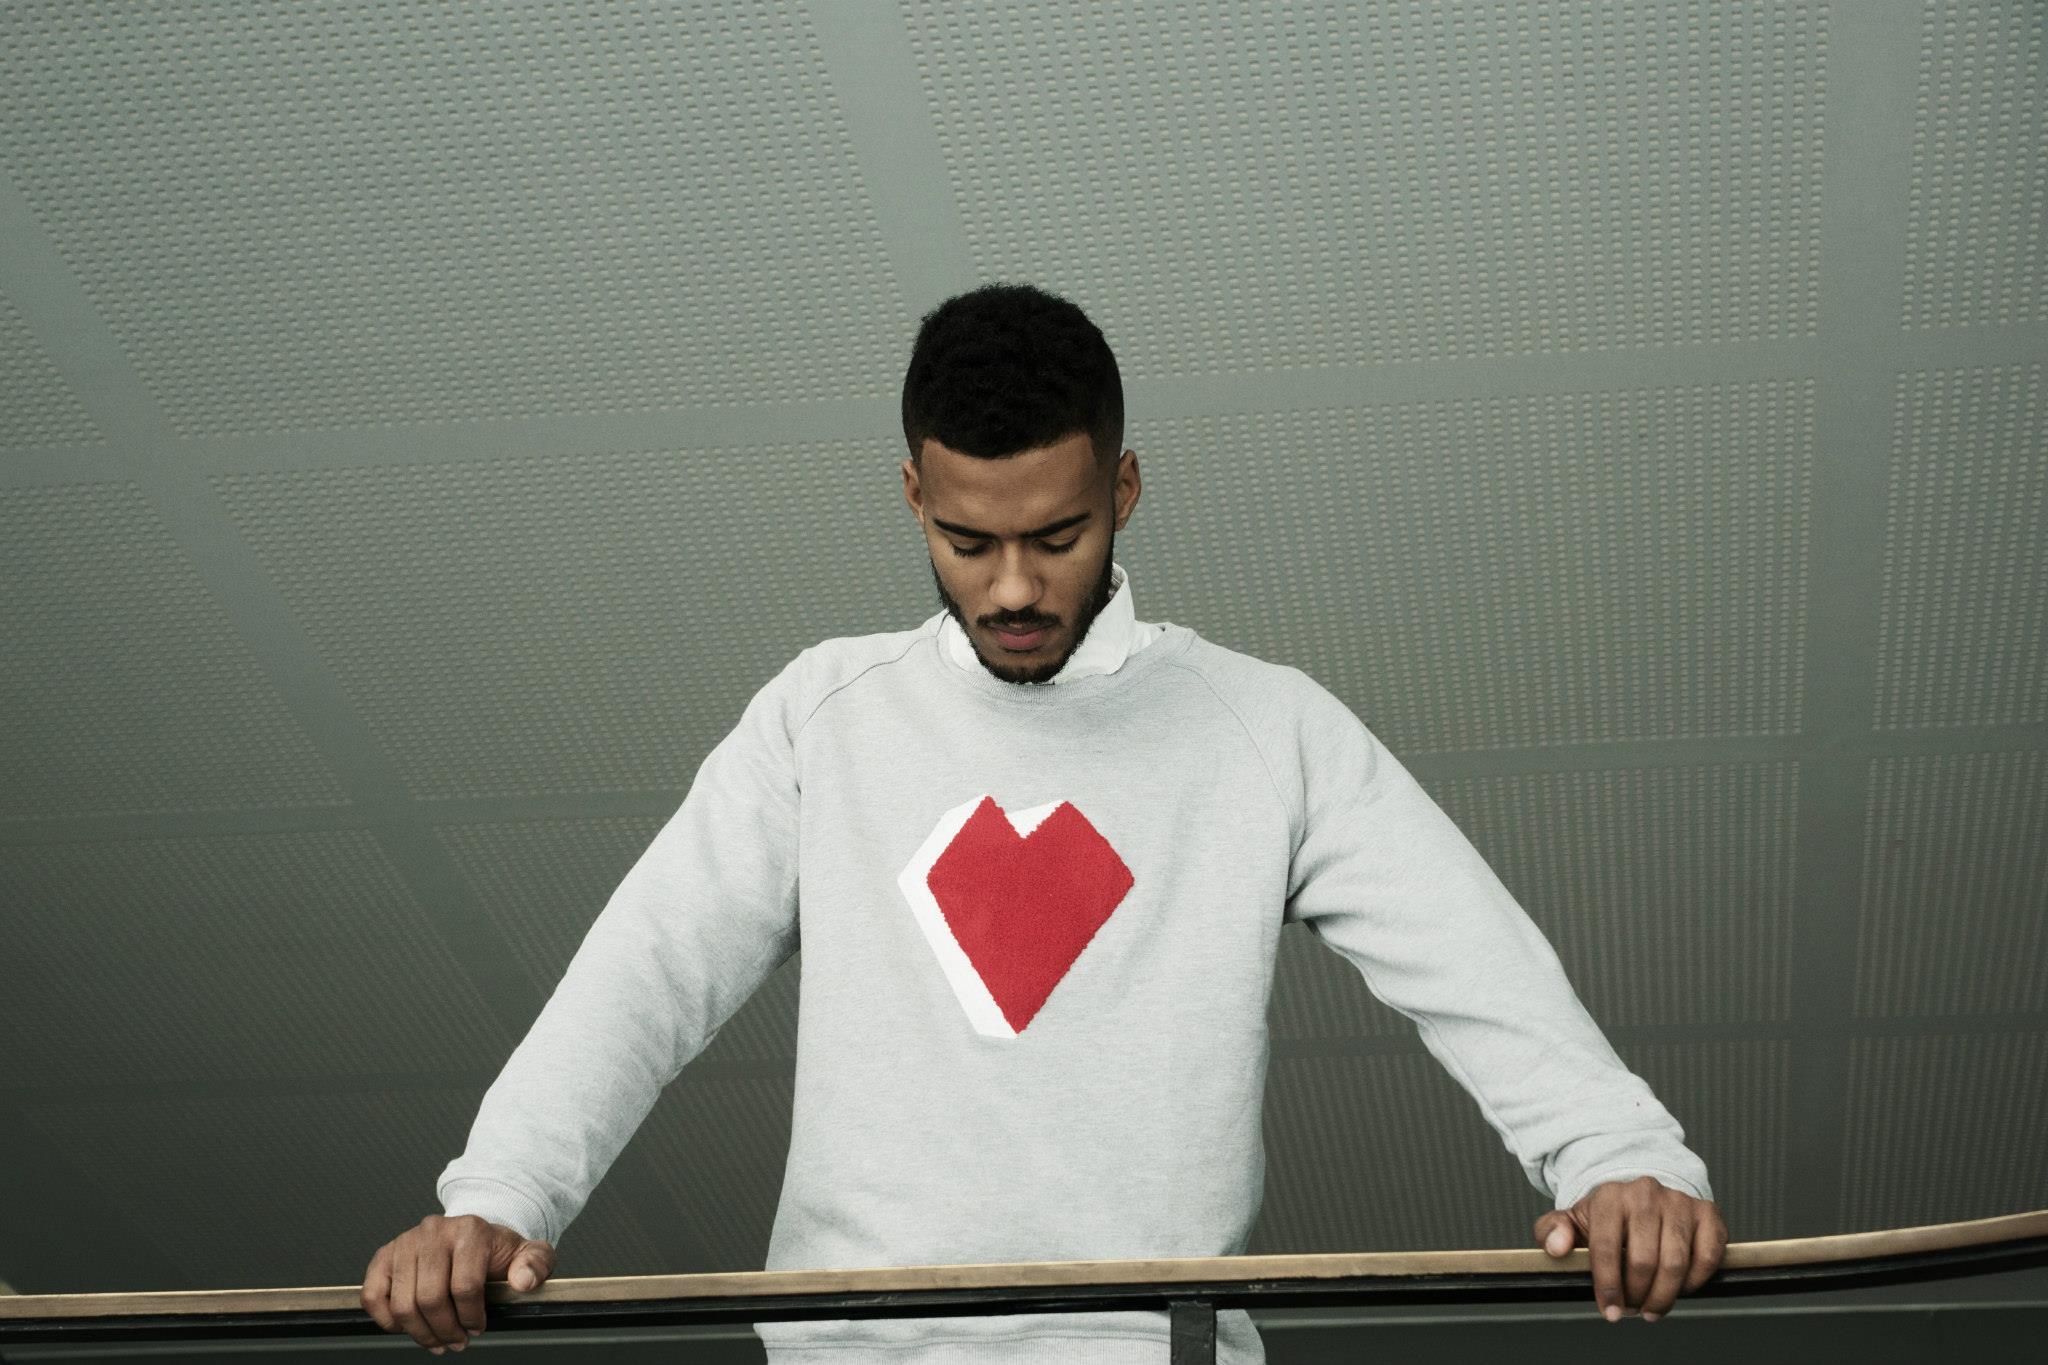 EverydayFresh Arternative FW14 Lookbook Grey Heart Sweater